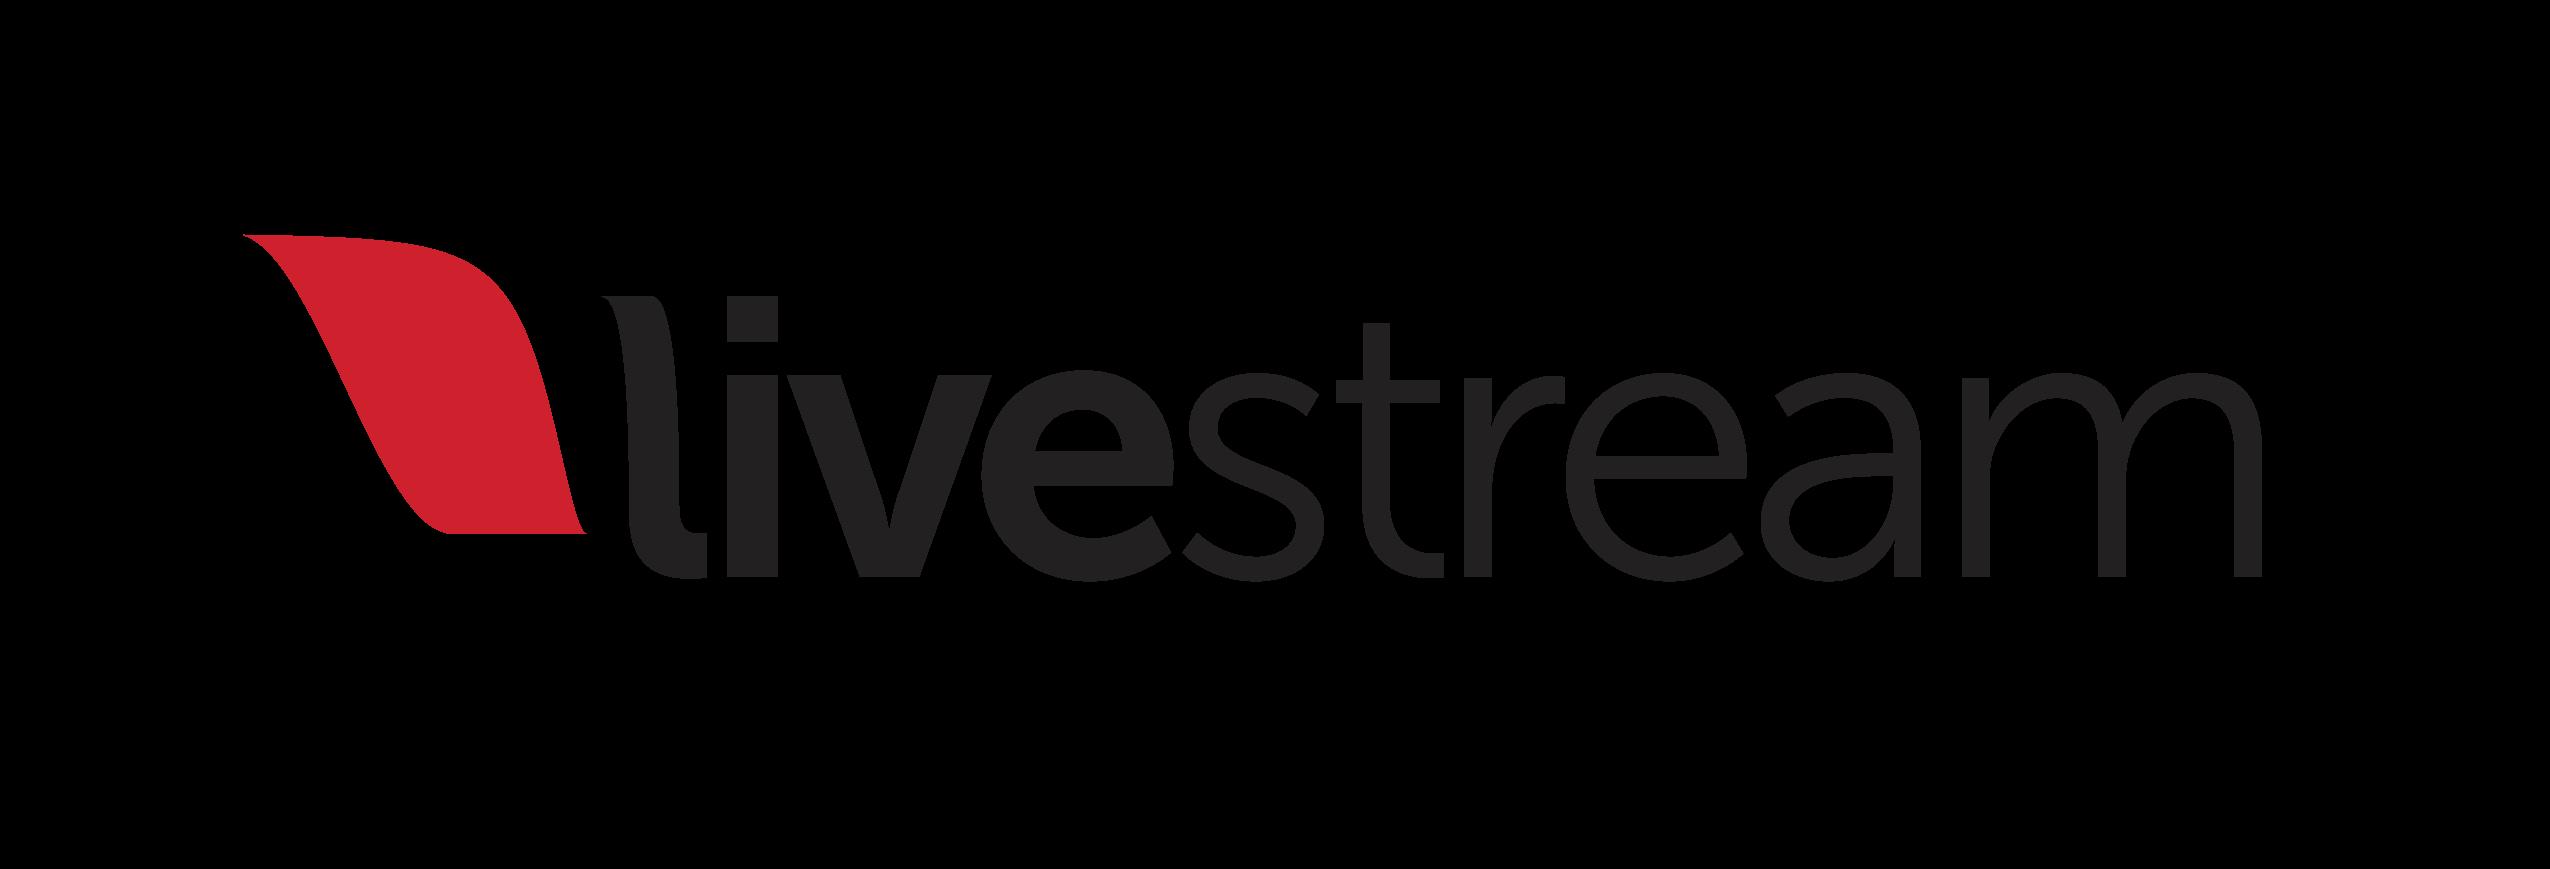 Livestream Logo